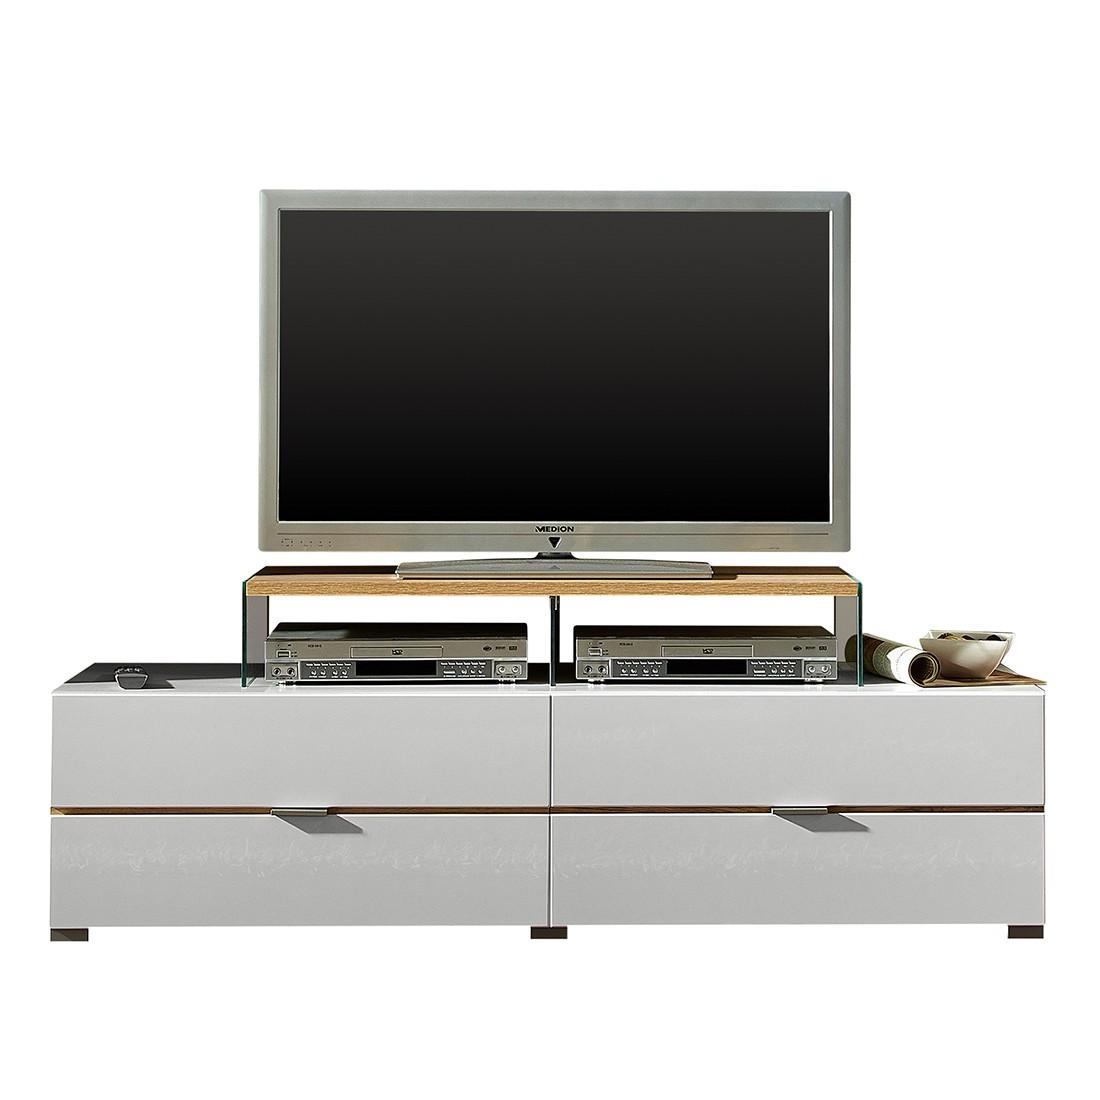 lowboard schwarz hochglanz 160 preisvergleich die besten angebote online kaufen. Black Bedroom Furniture Sets. Home Design Ideas